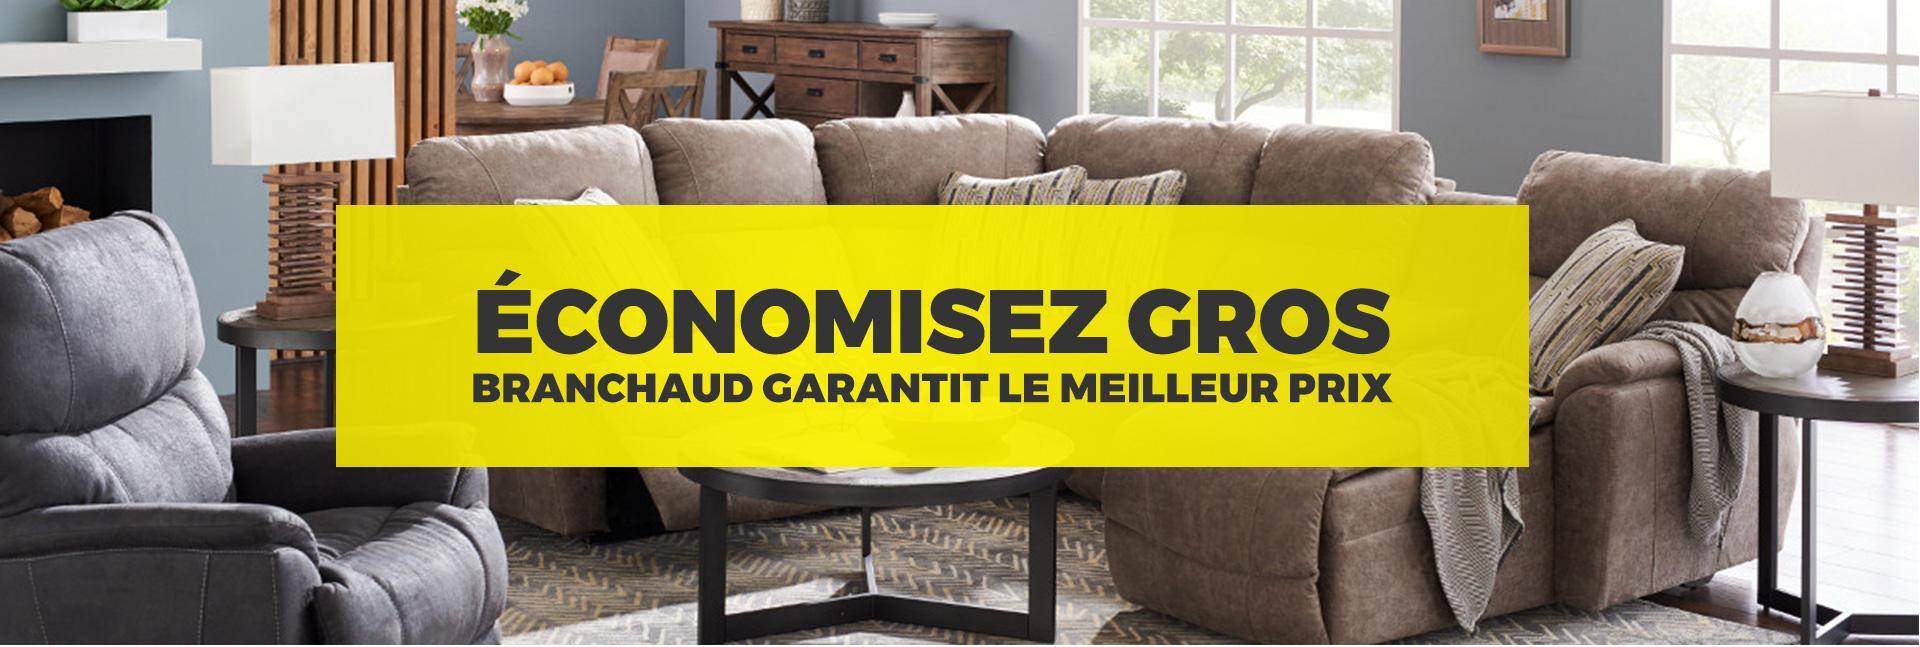 sofa usage a vendre gatineau normann copenhagen ace nist branchaud meubles electromenager electronique et informatique economisez gros